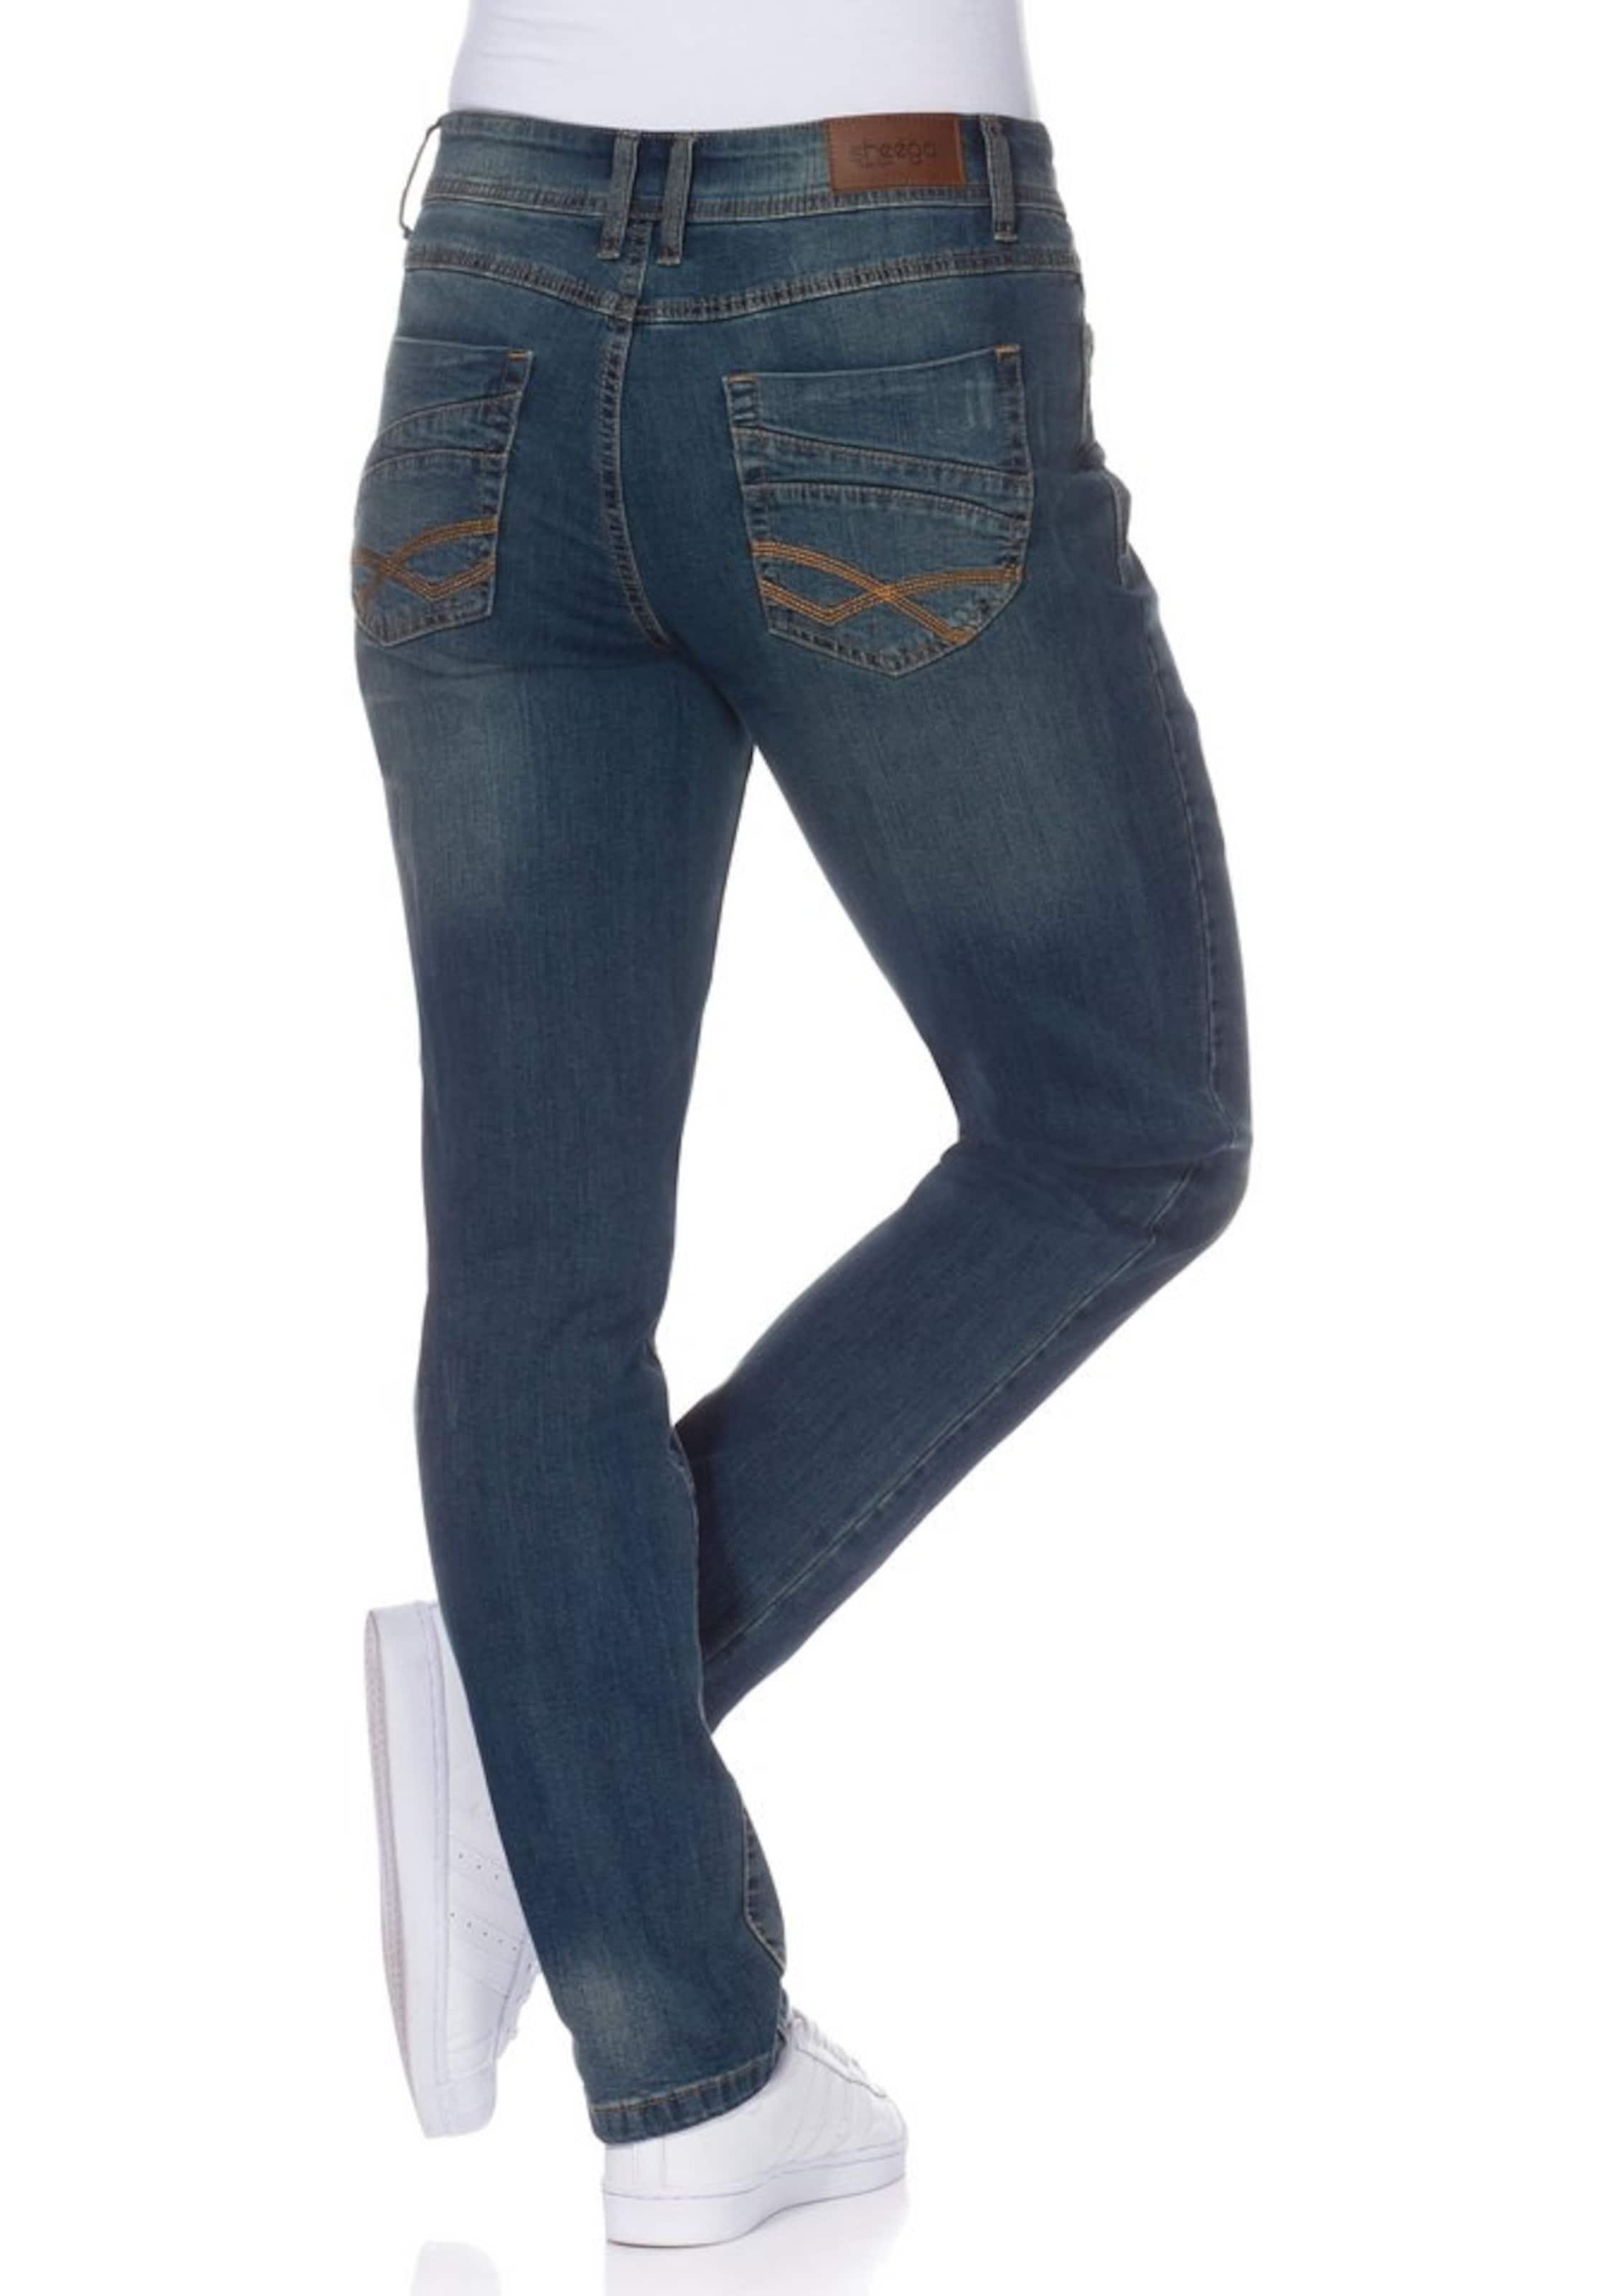 Blue Sheego Blue Sheego In Jeans In Jeans Denim vN8n0Omw